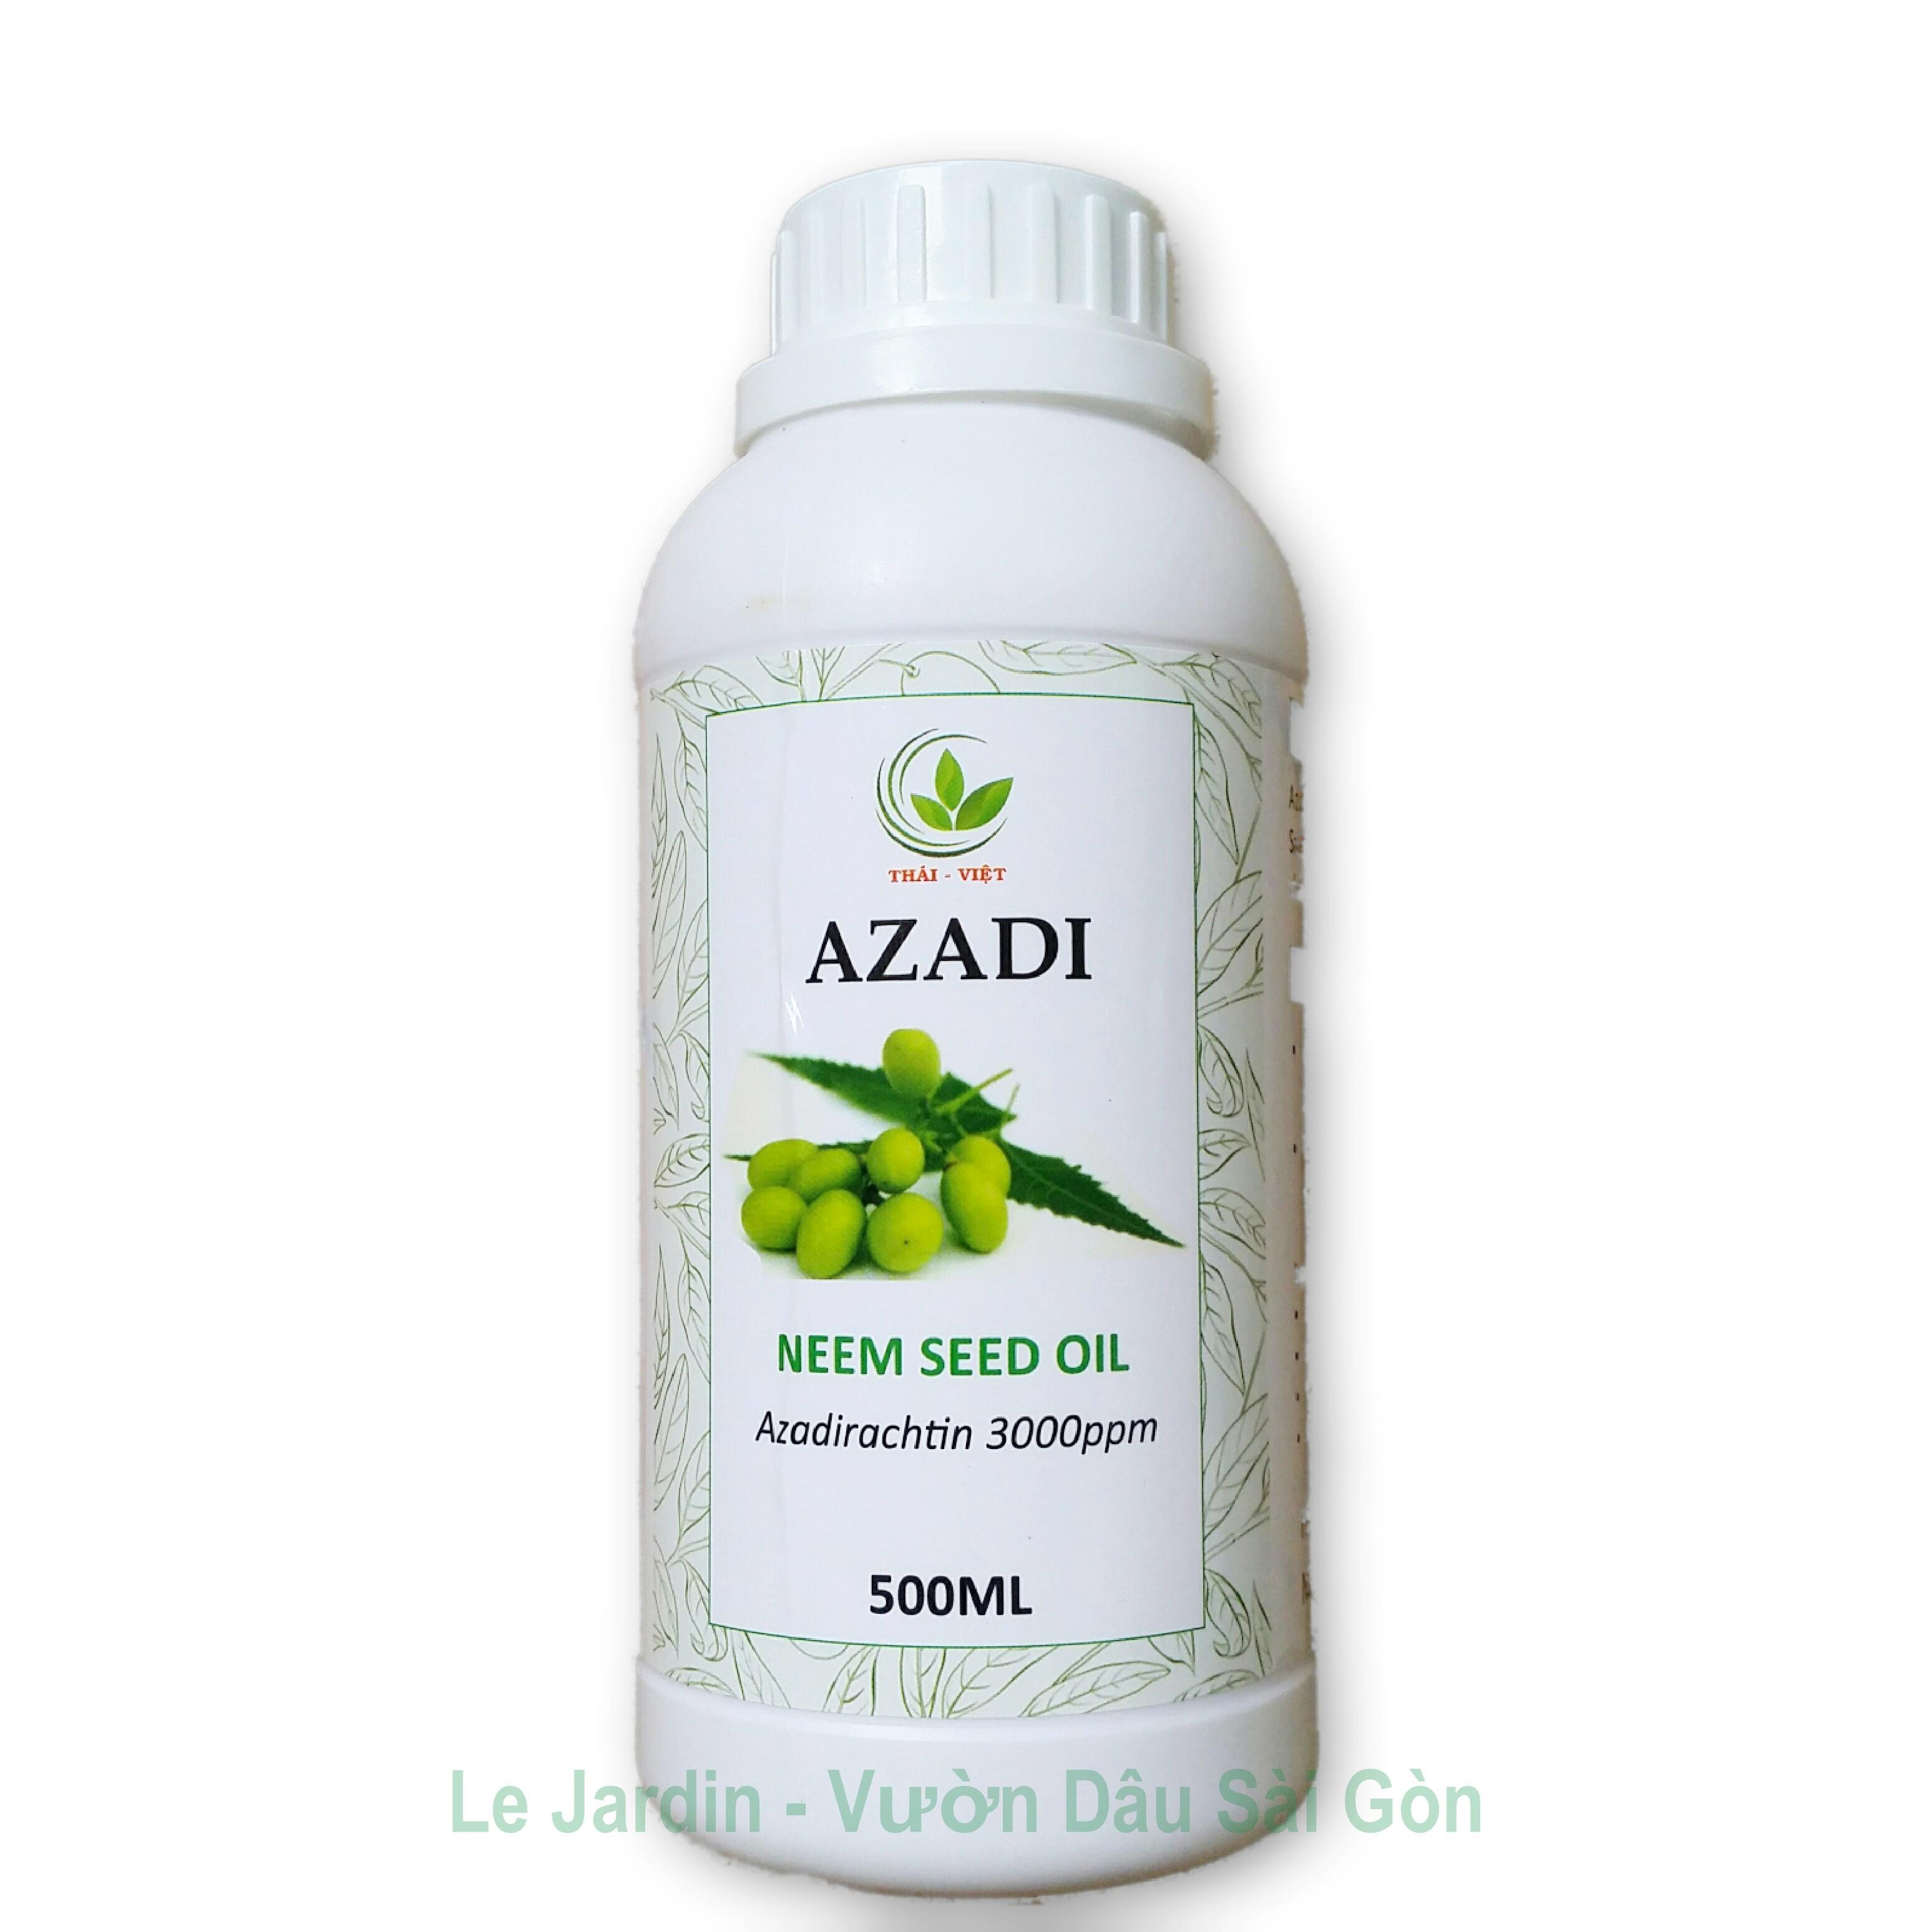 Neem Seed Oil - Dầu Neem AZADI - Dầu Neem Hữu Cơ Đã Được Nhũ Hóa Chuyên Trị Bọ Trĩ